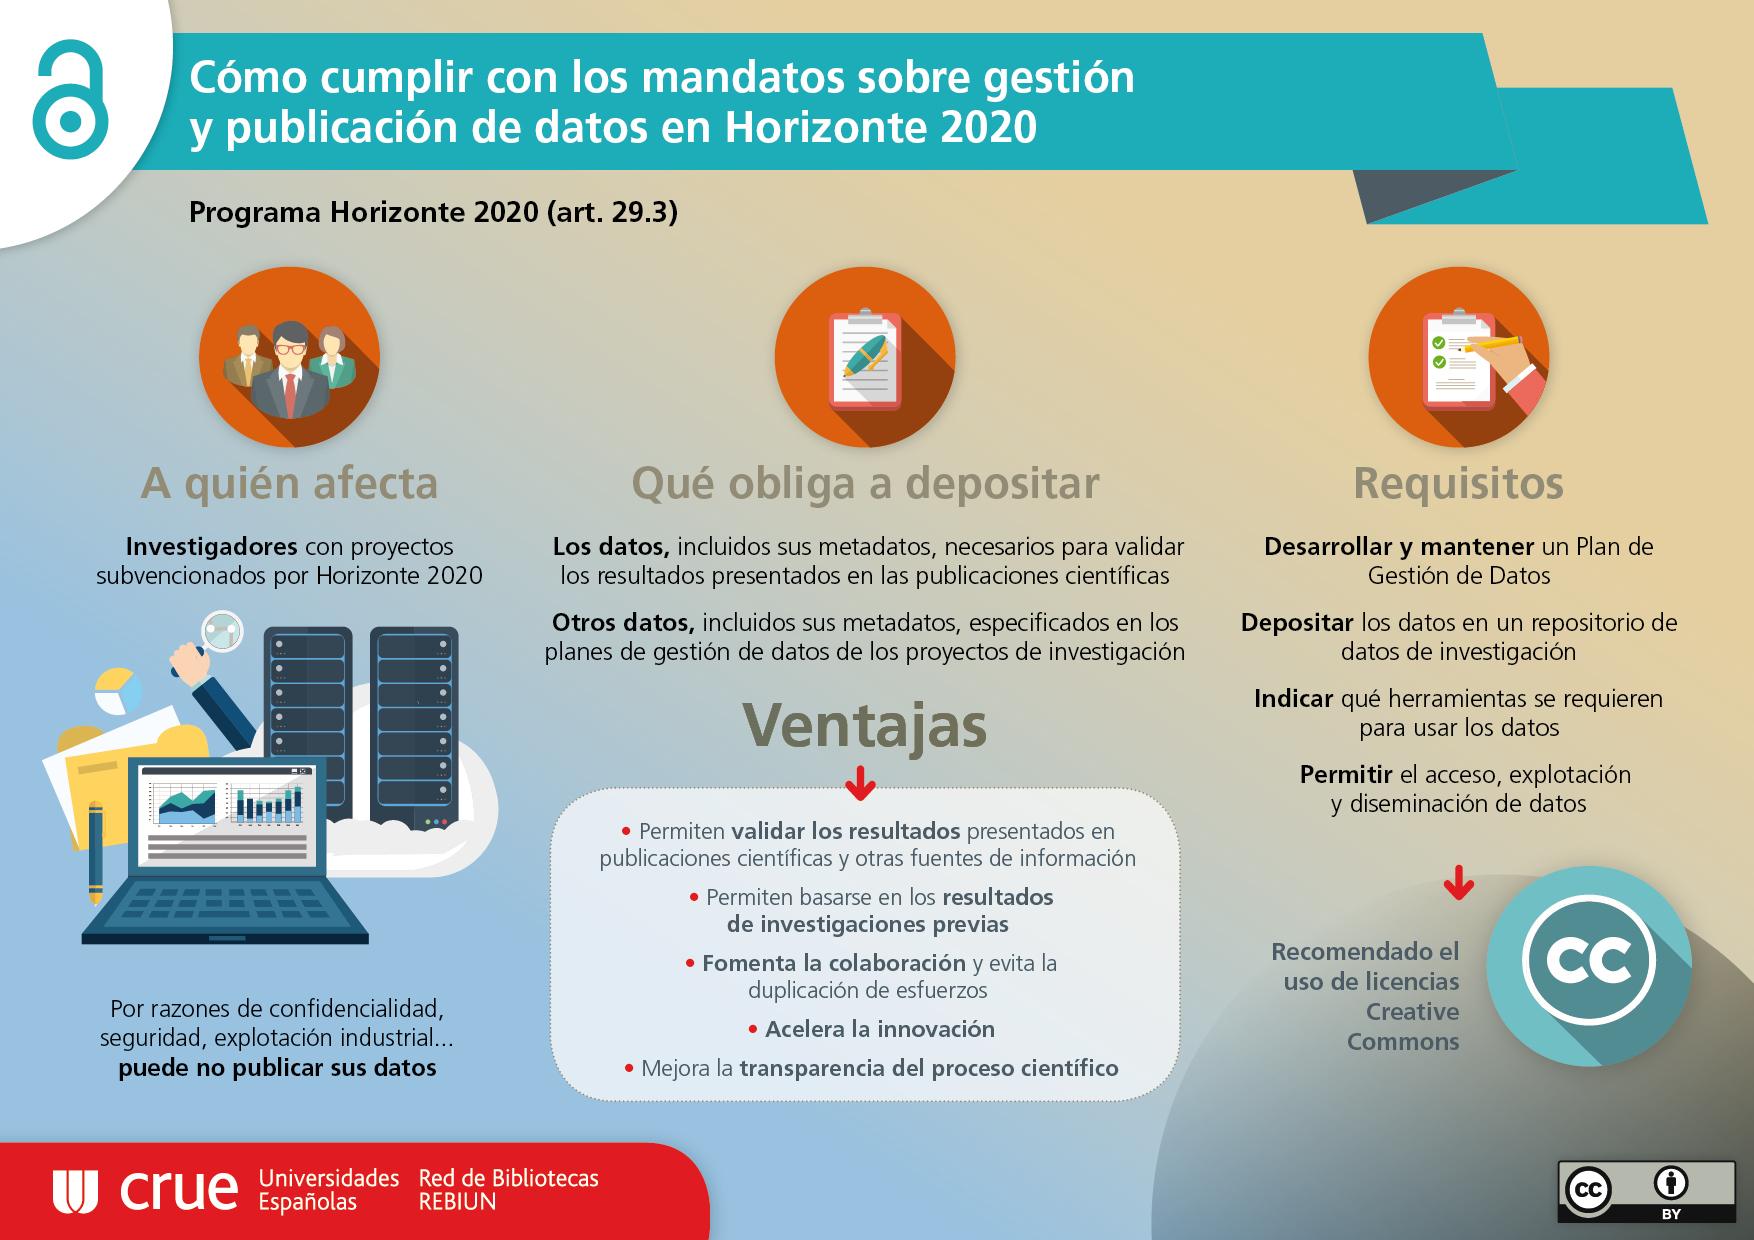 Como cumplir con los mandatos sobre gestión y publicación de datos en Horizonte 2020